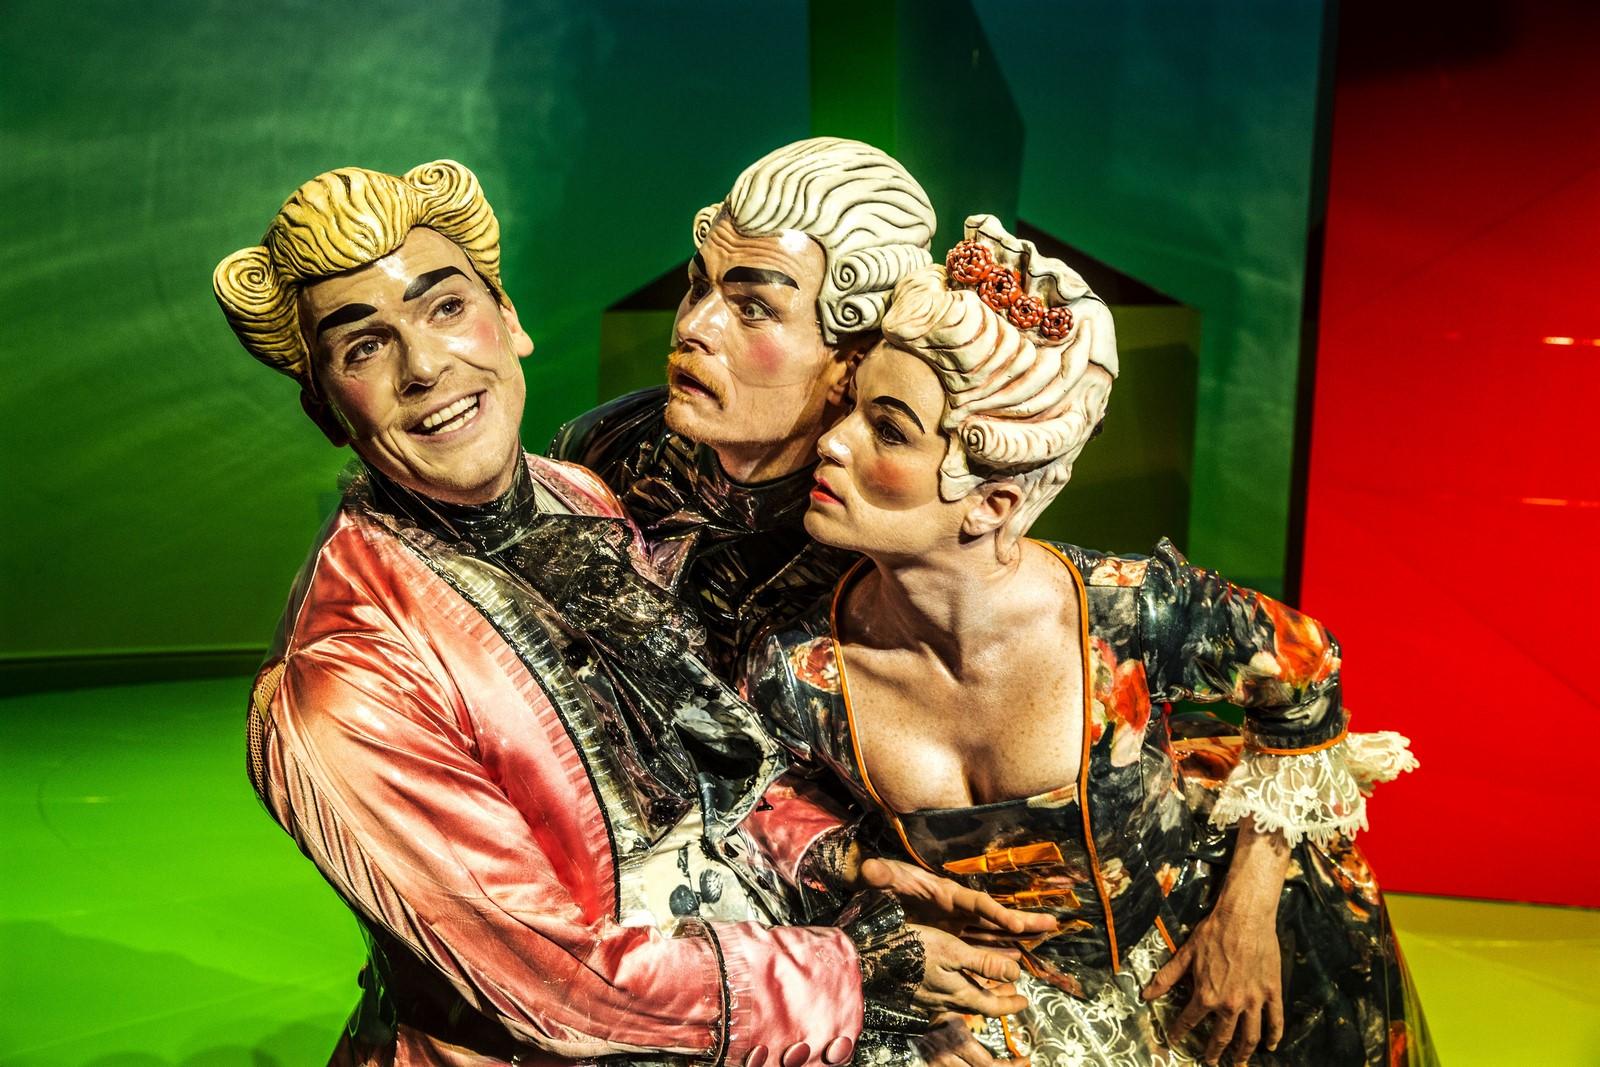 Anmeldelse Maskerade Det Kongelige Teater Ungt Teaterblod